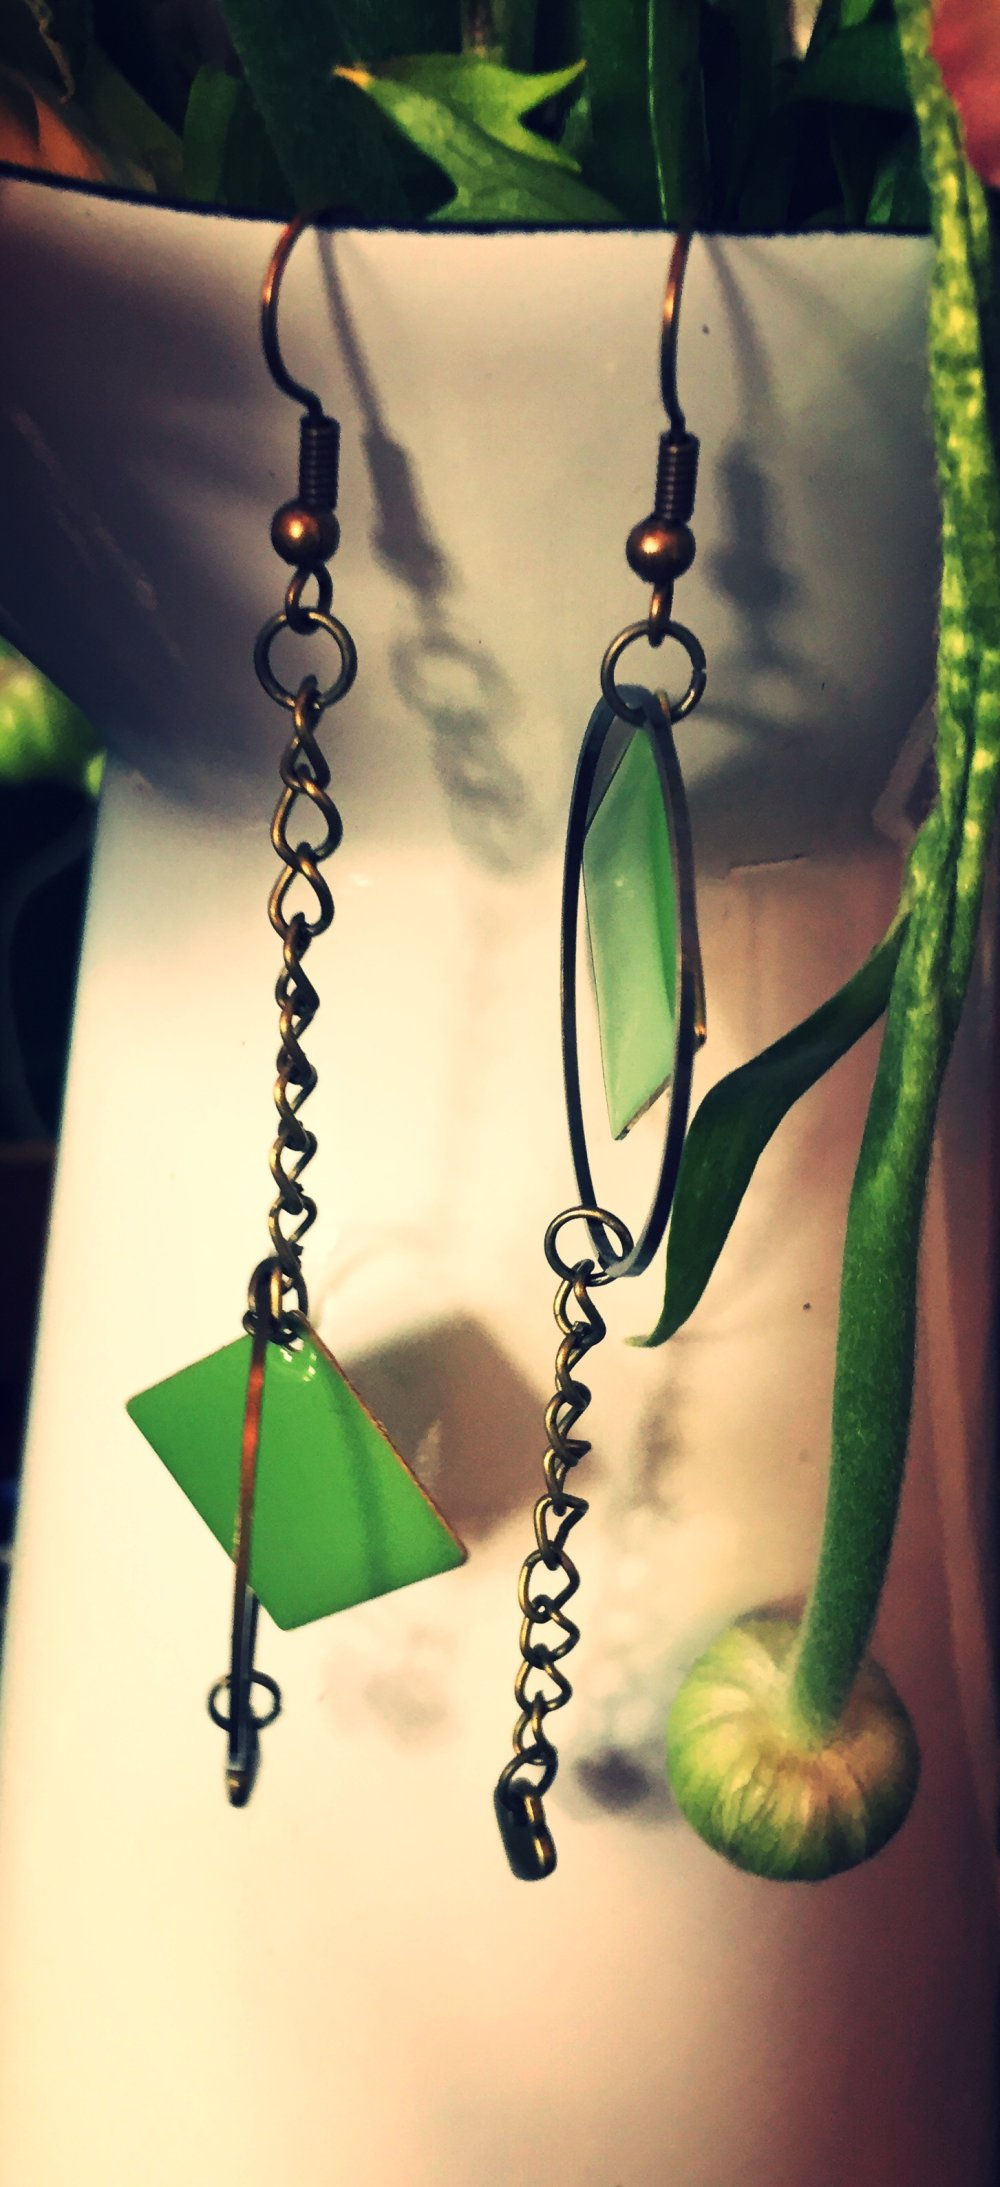 Boucles d'oreille, les pas pareils, sequins verts